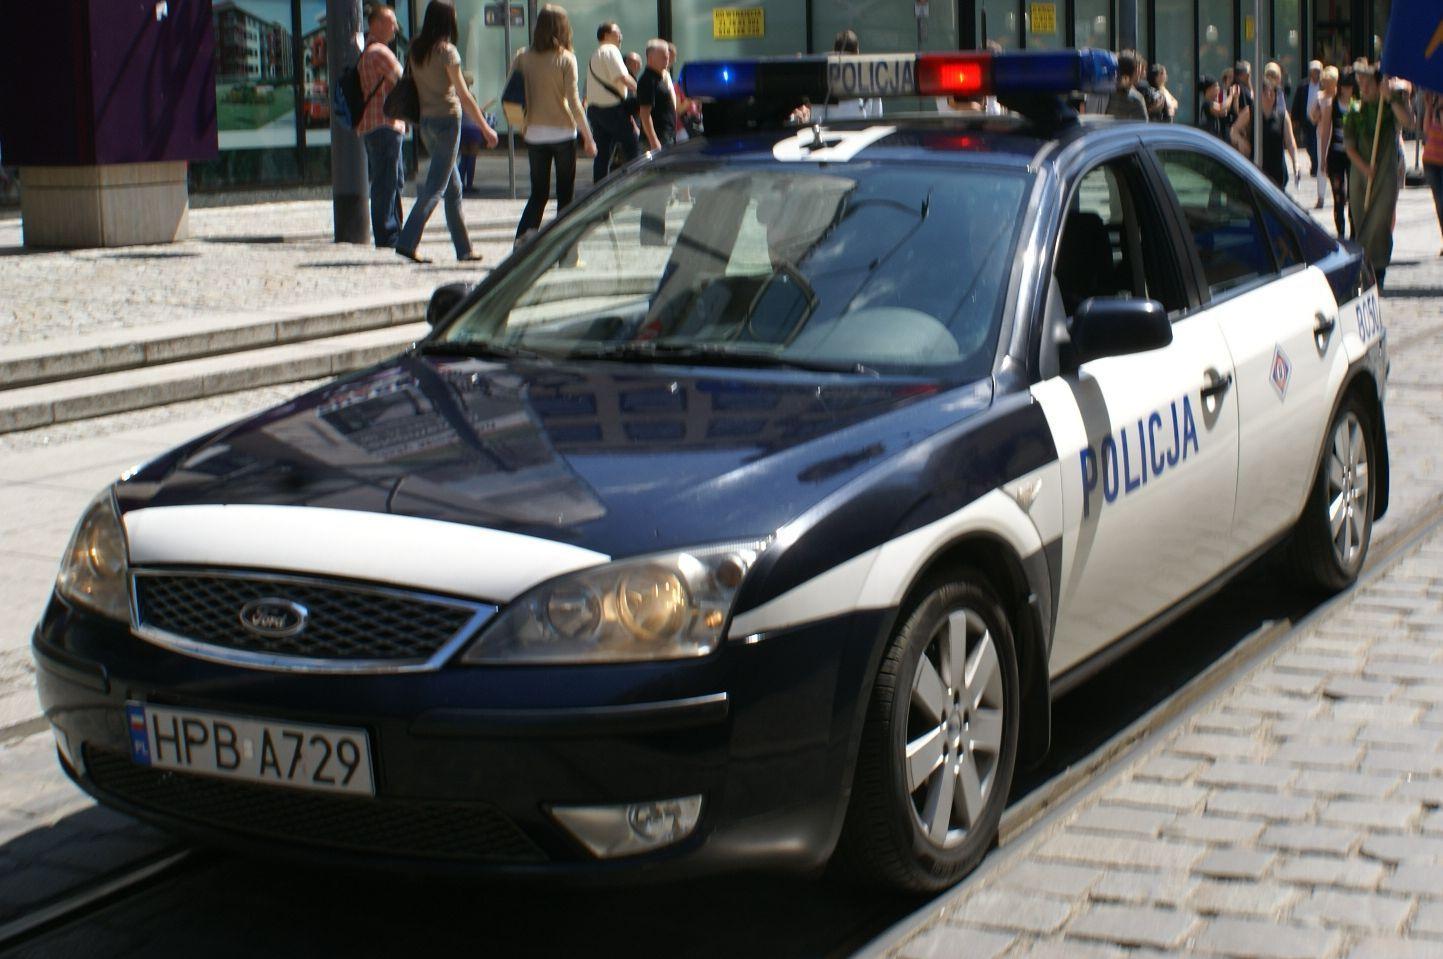 Policji na szczęście szybko udało się poradzić z rozjuszonym tłumem